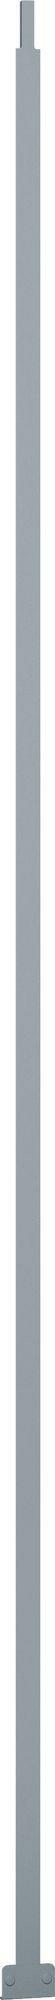 toebehoren koelkast Siemens Toebehoren KS39ZAL00 toebehoren koelkast